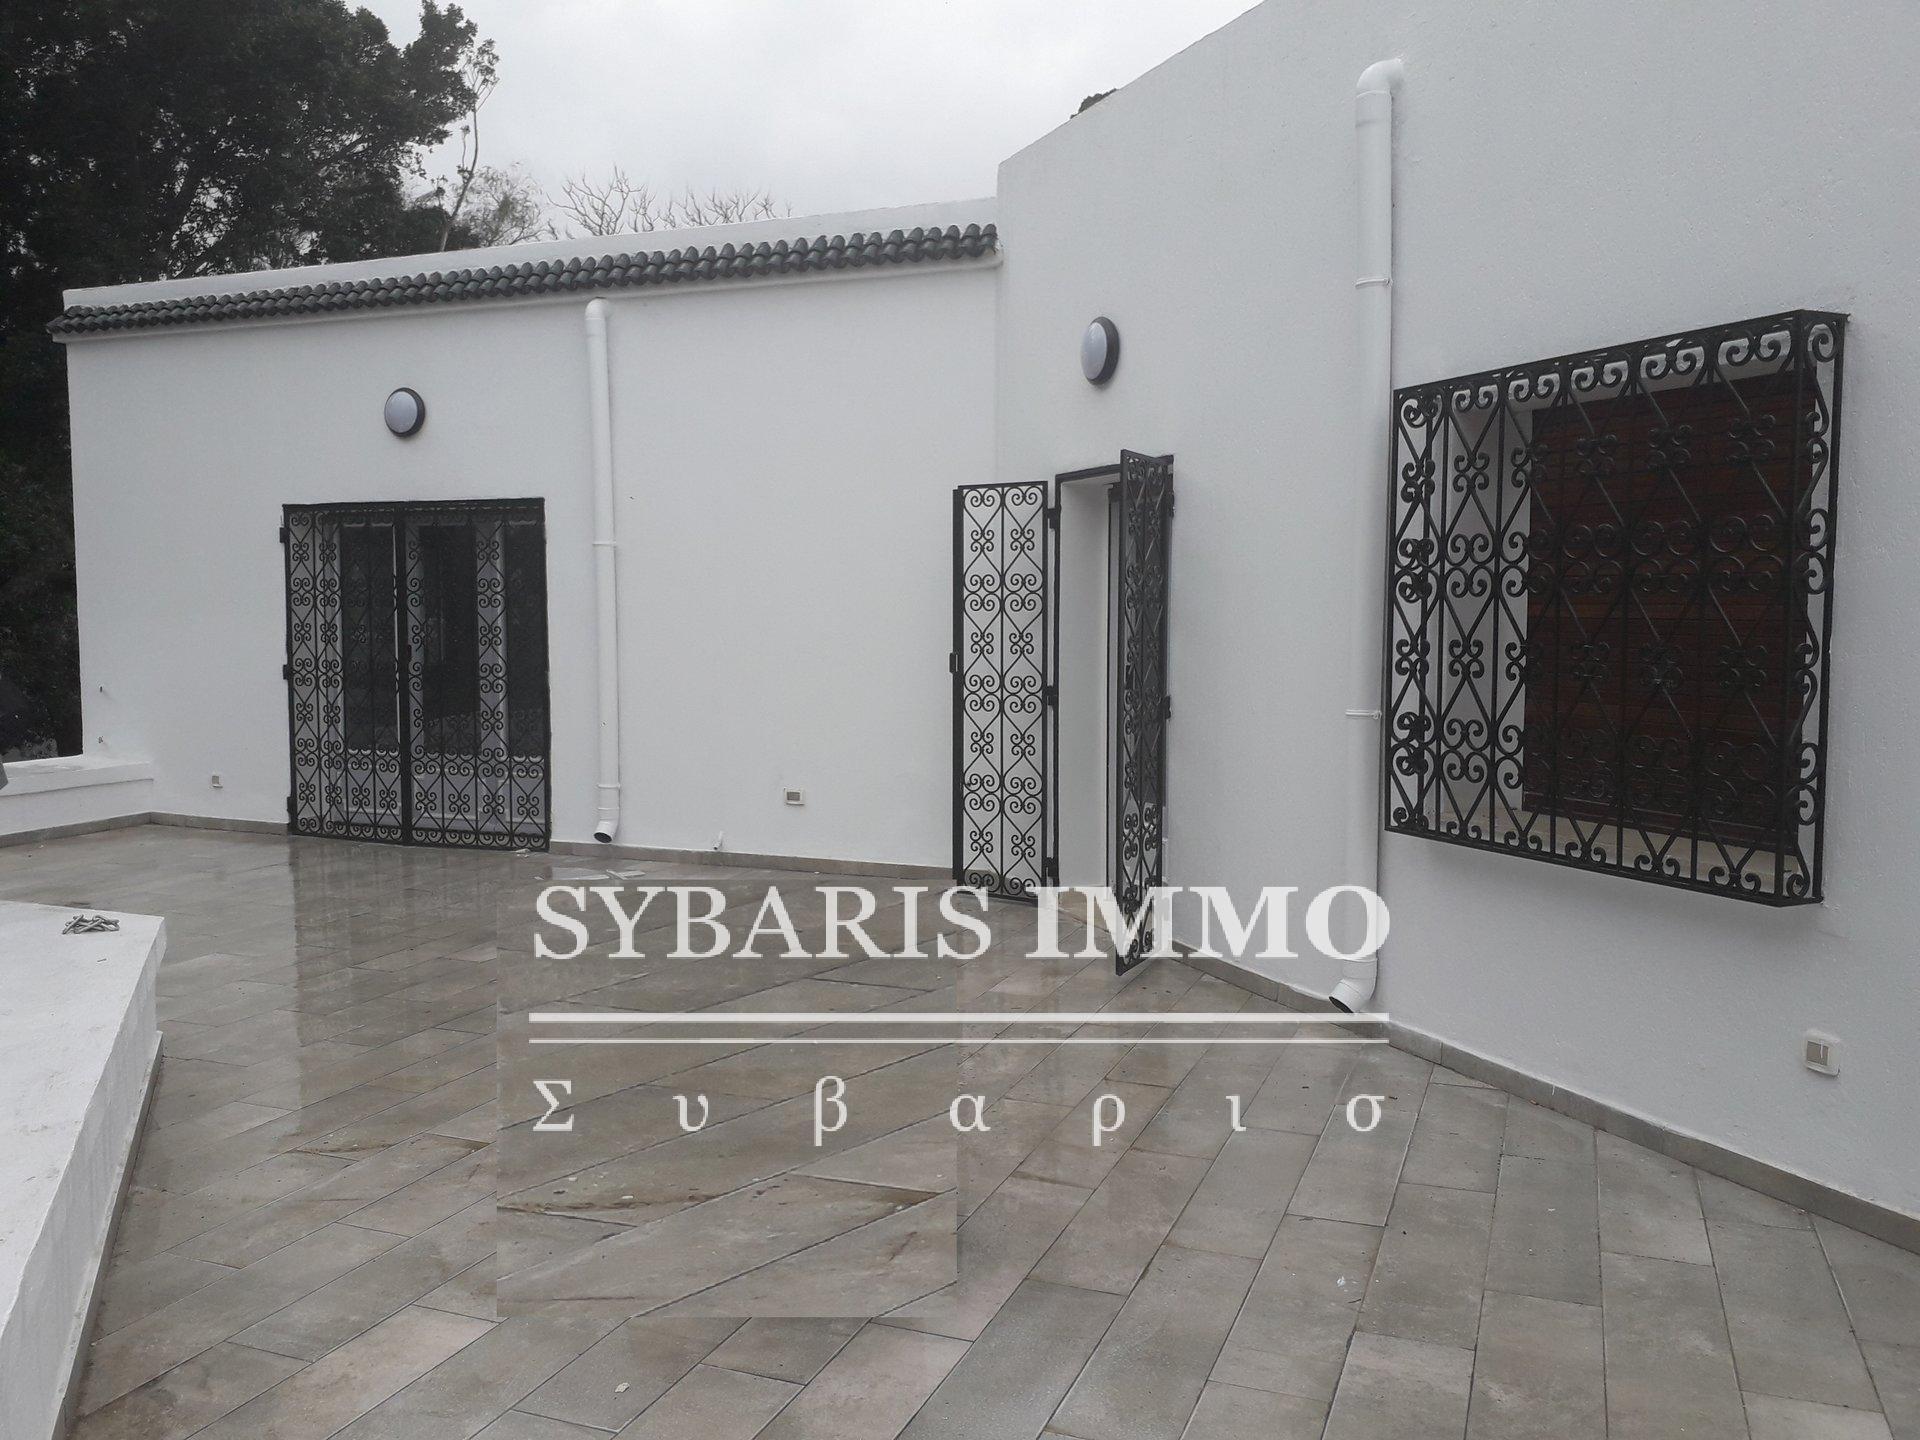 Location villa à Carthage - Tunisie